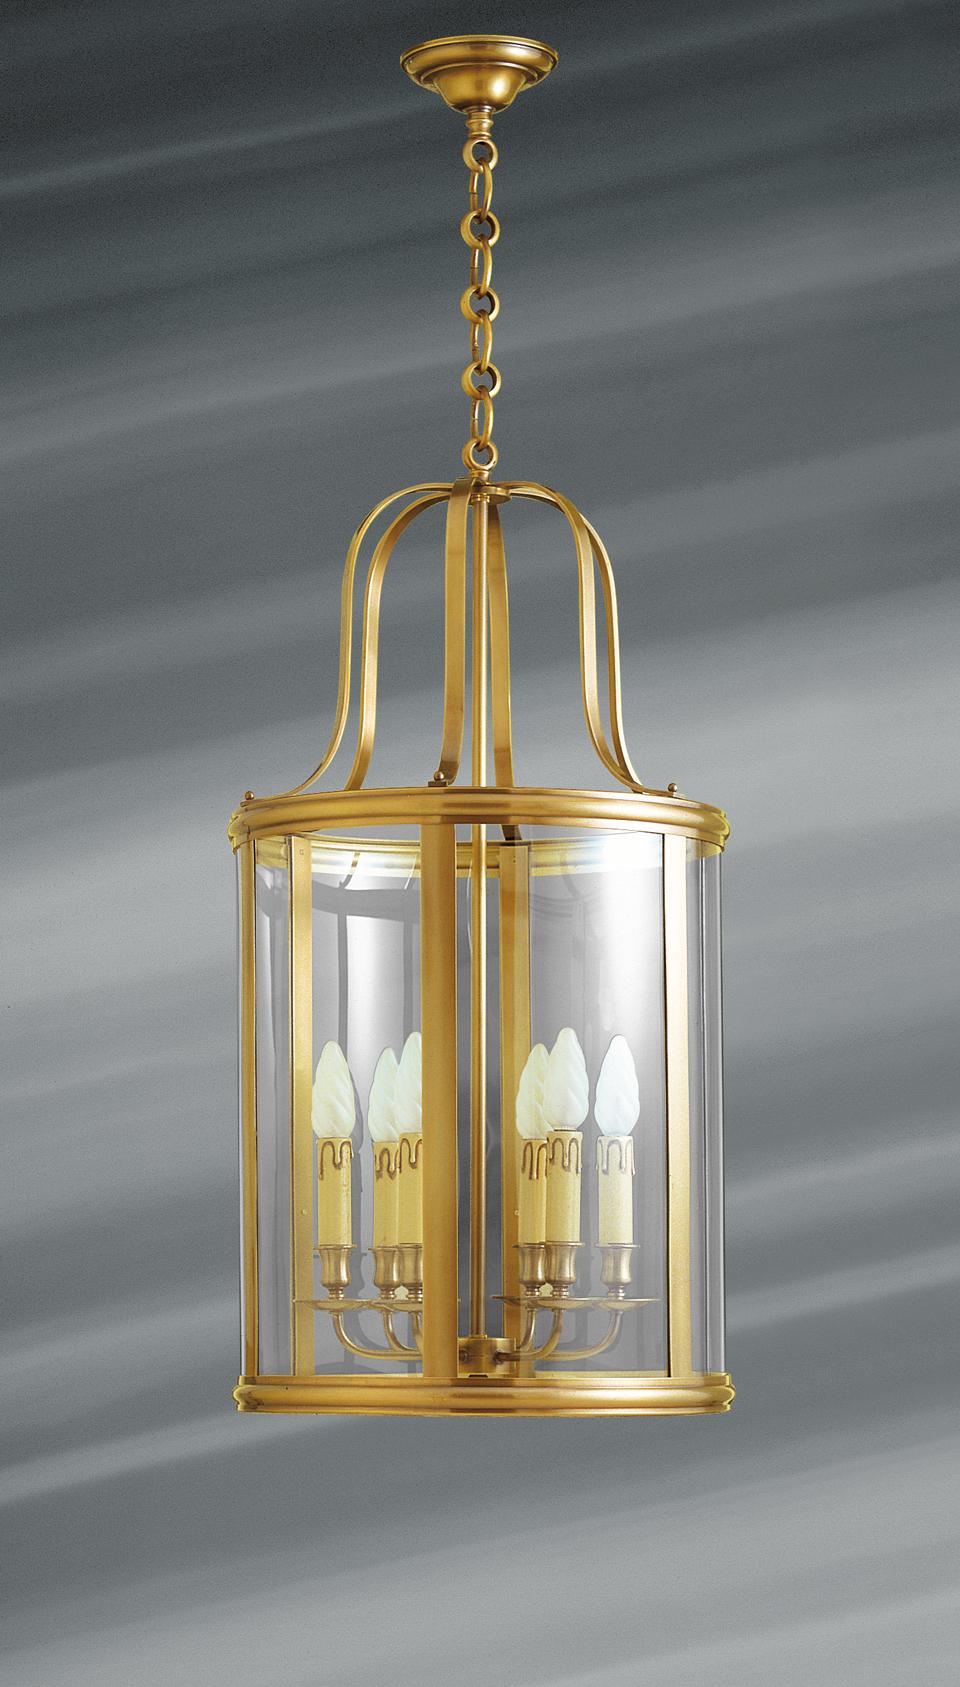 grande lanterne de style classique en bronze massif et verre bomb lucien gau luminaires. Black Bedroom Furniture Sets. Home Design Ideas